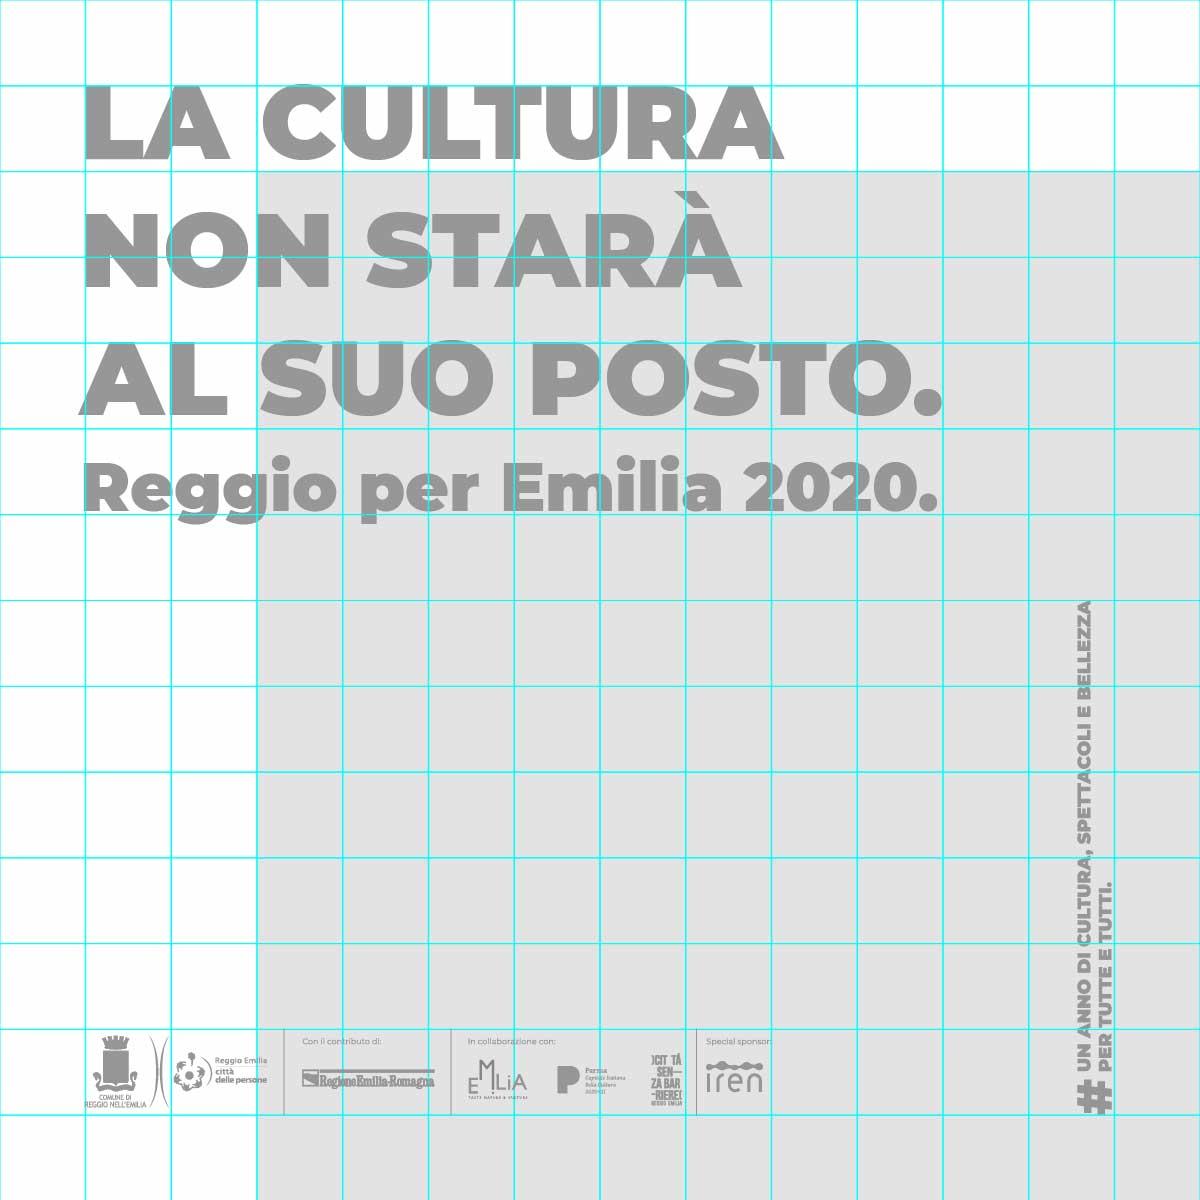 Reggio per EMILIA 2020 Happy Minds brand-identity-1-orz